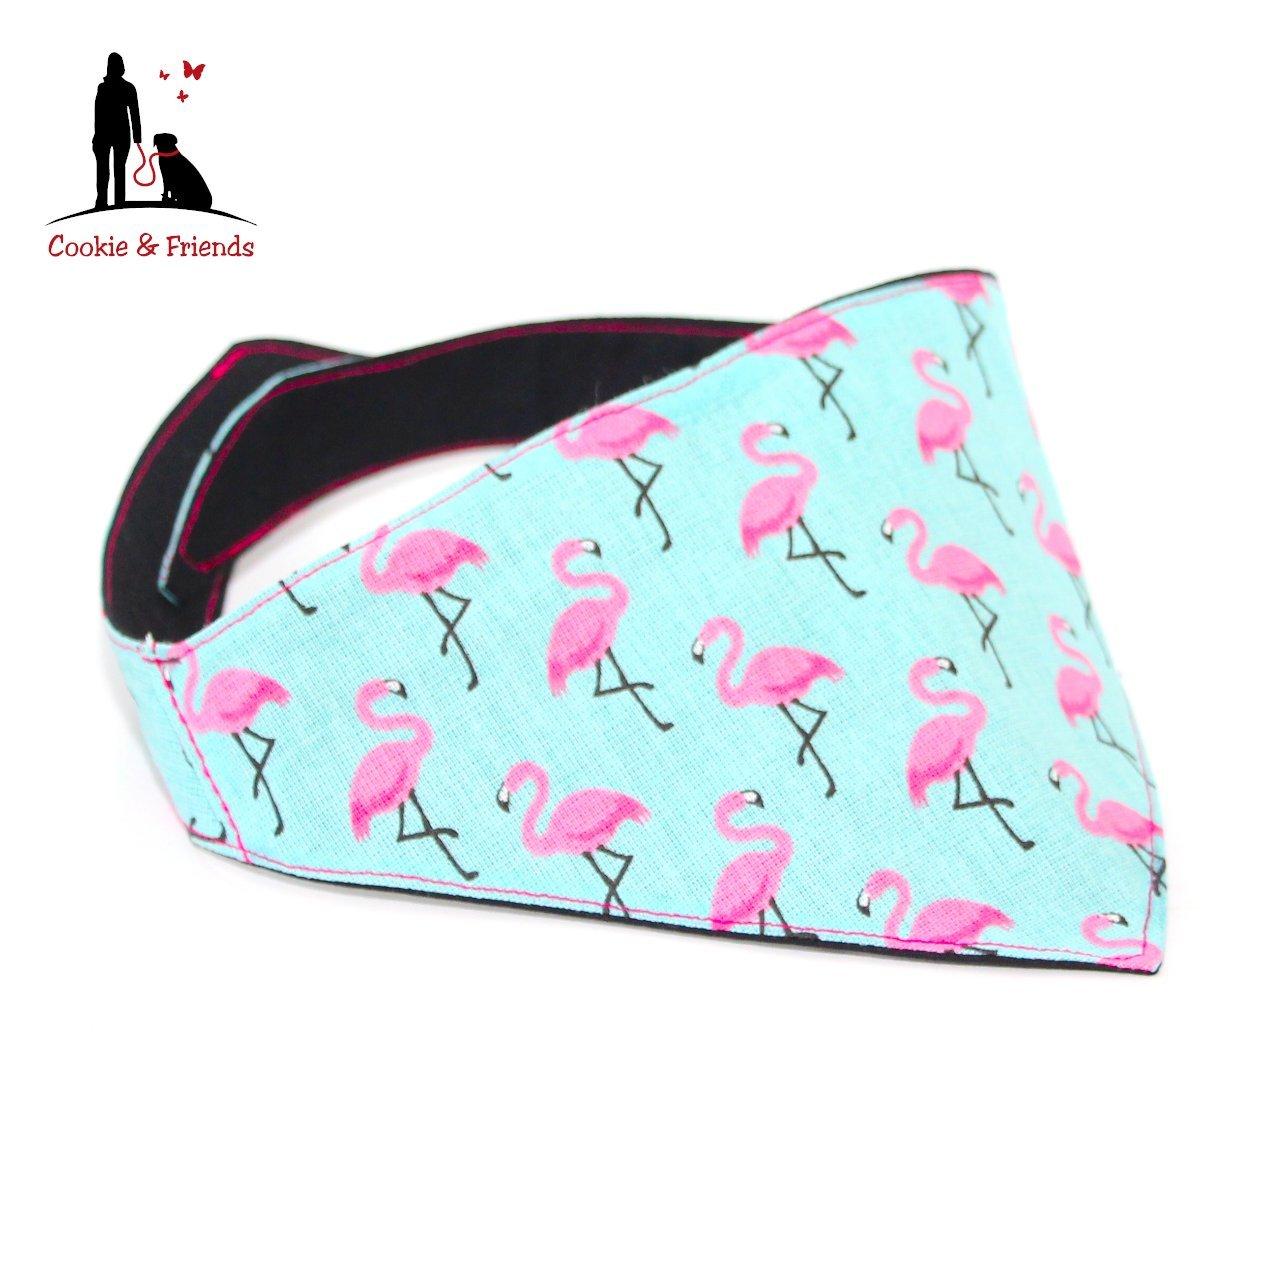 Hundehalstuch - Flamingo, Halstuch für Hunde, Hundeschal, Dog Bandana Halstuch für Hunde